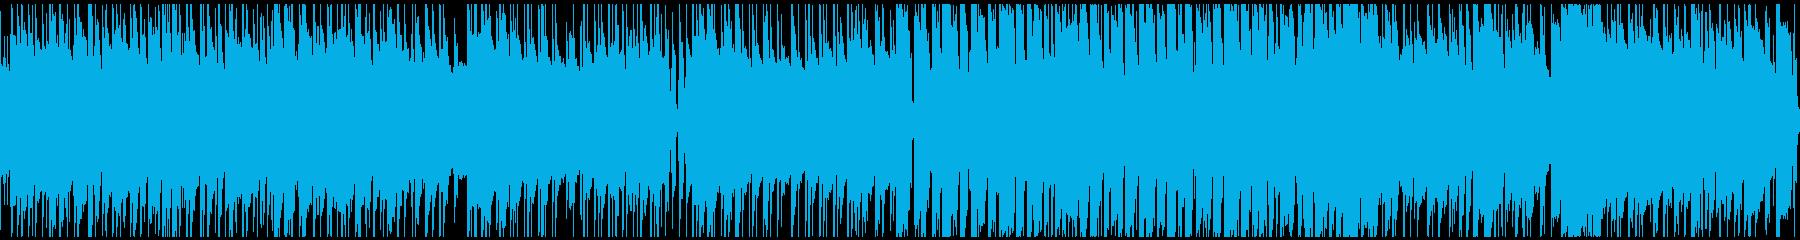 海やビーチをイメージしたBGMの再生済みの波形